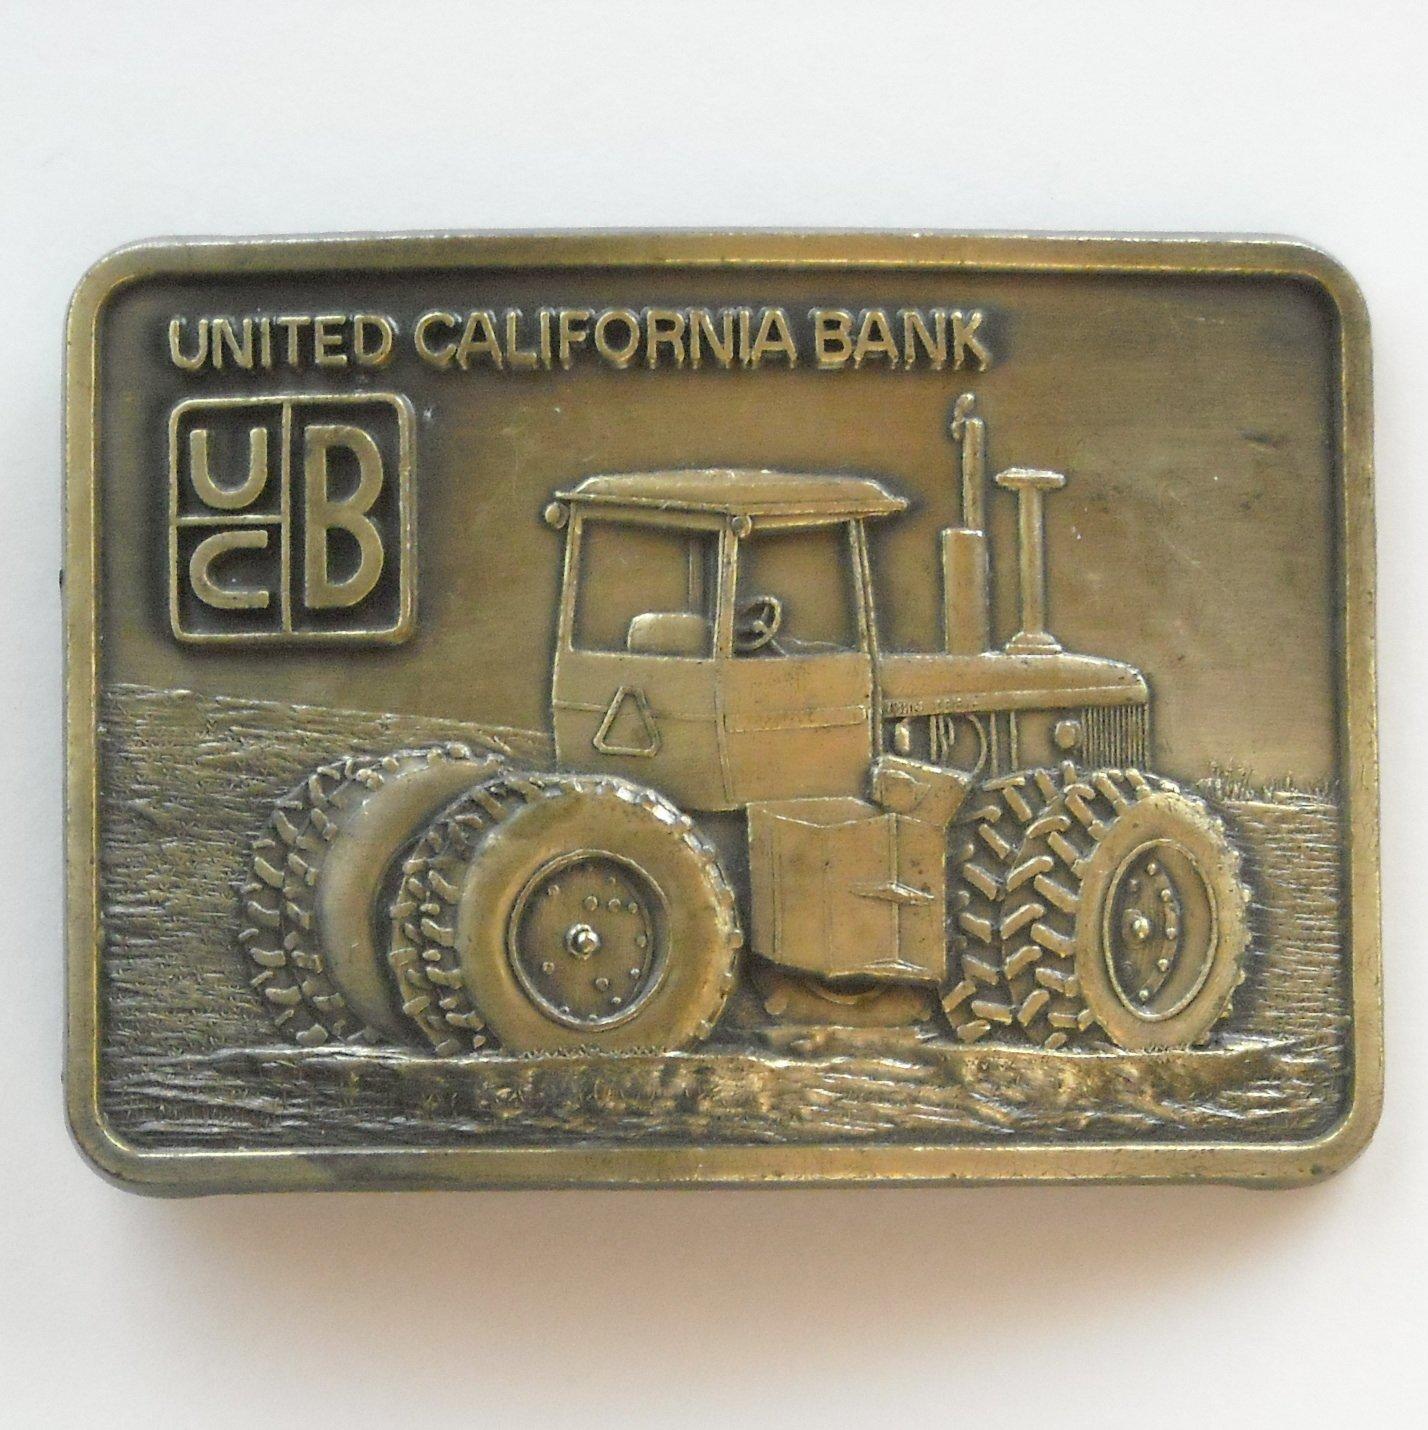 Vintage UCB United California Bank Brass Color Belt Buckle